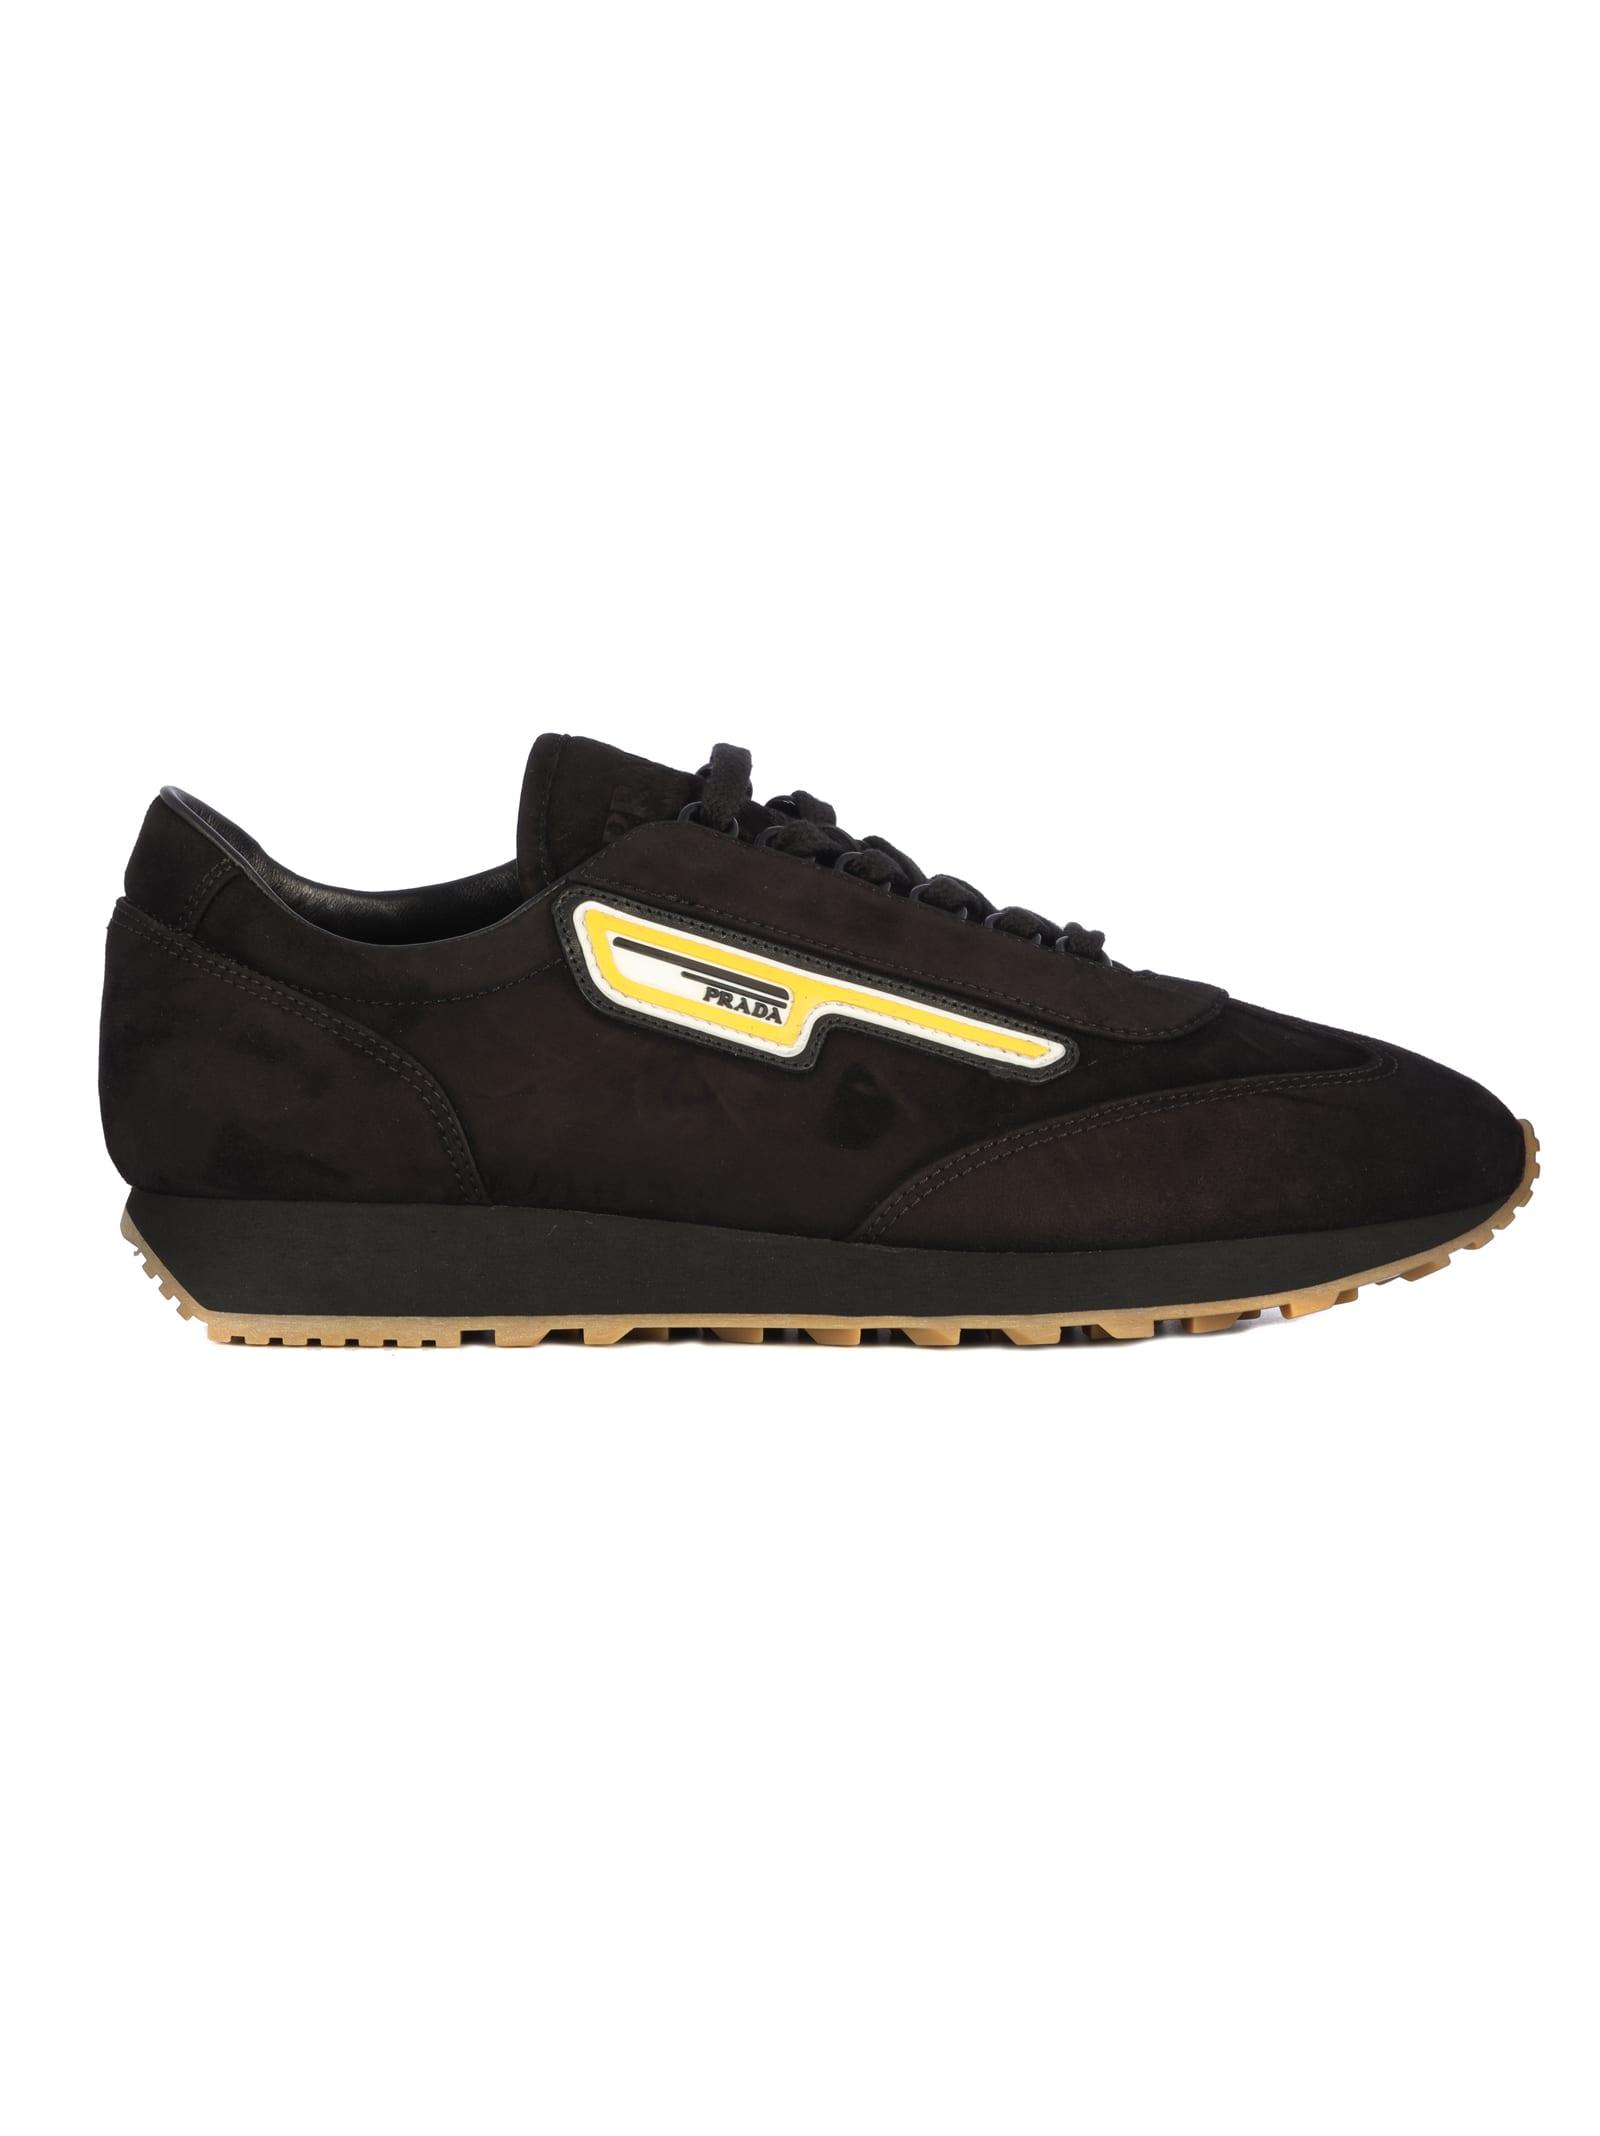 Prada Prada Suede Running Sneakers